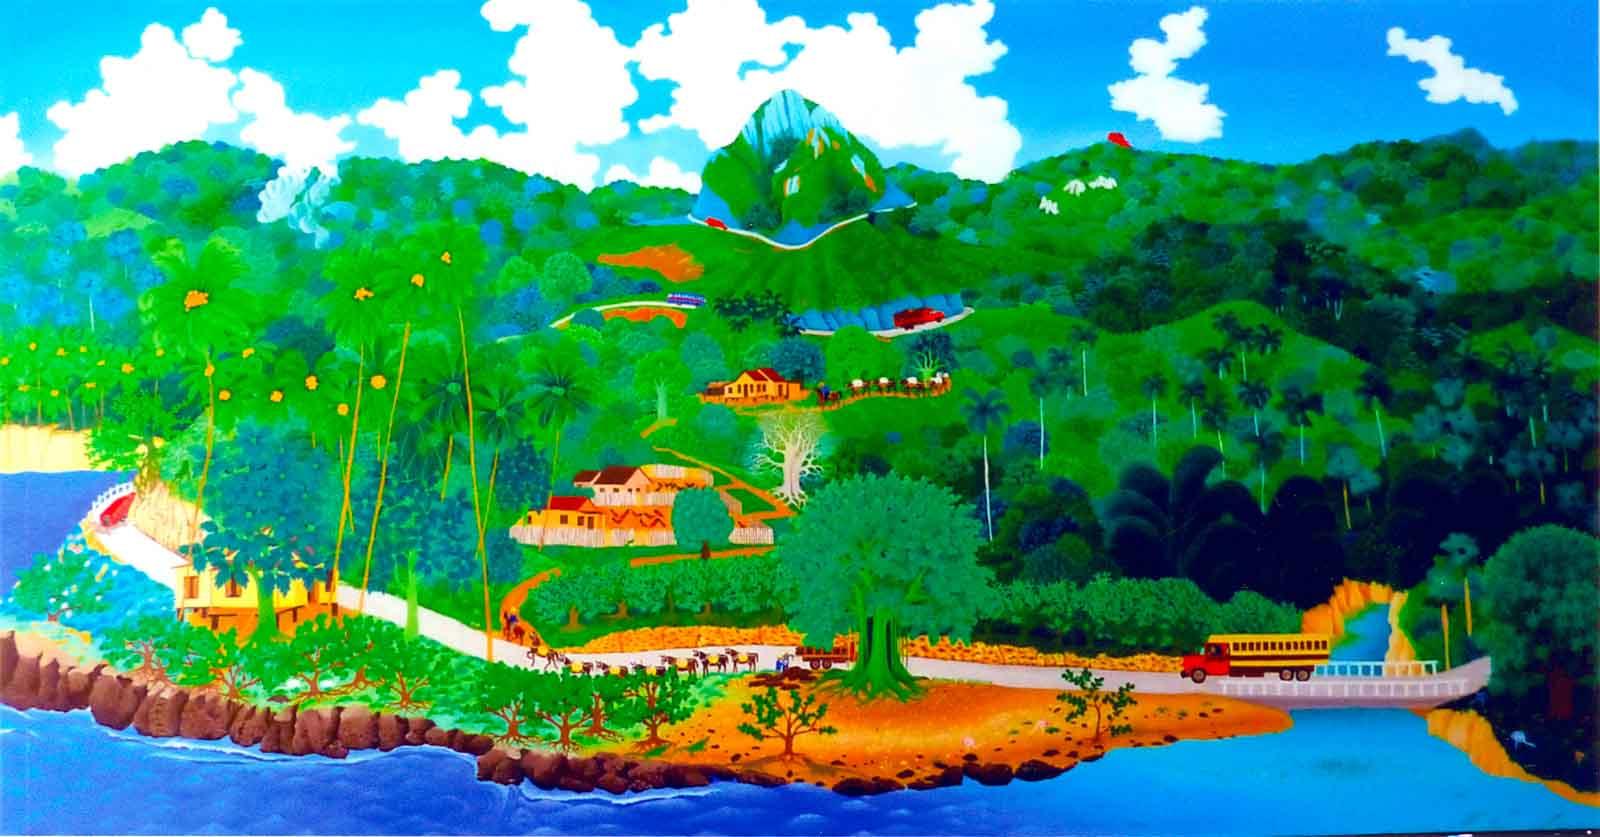 Cuba_ElGrupoBayate_LuisRodriguezArias_2015_Painting1-copy